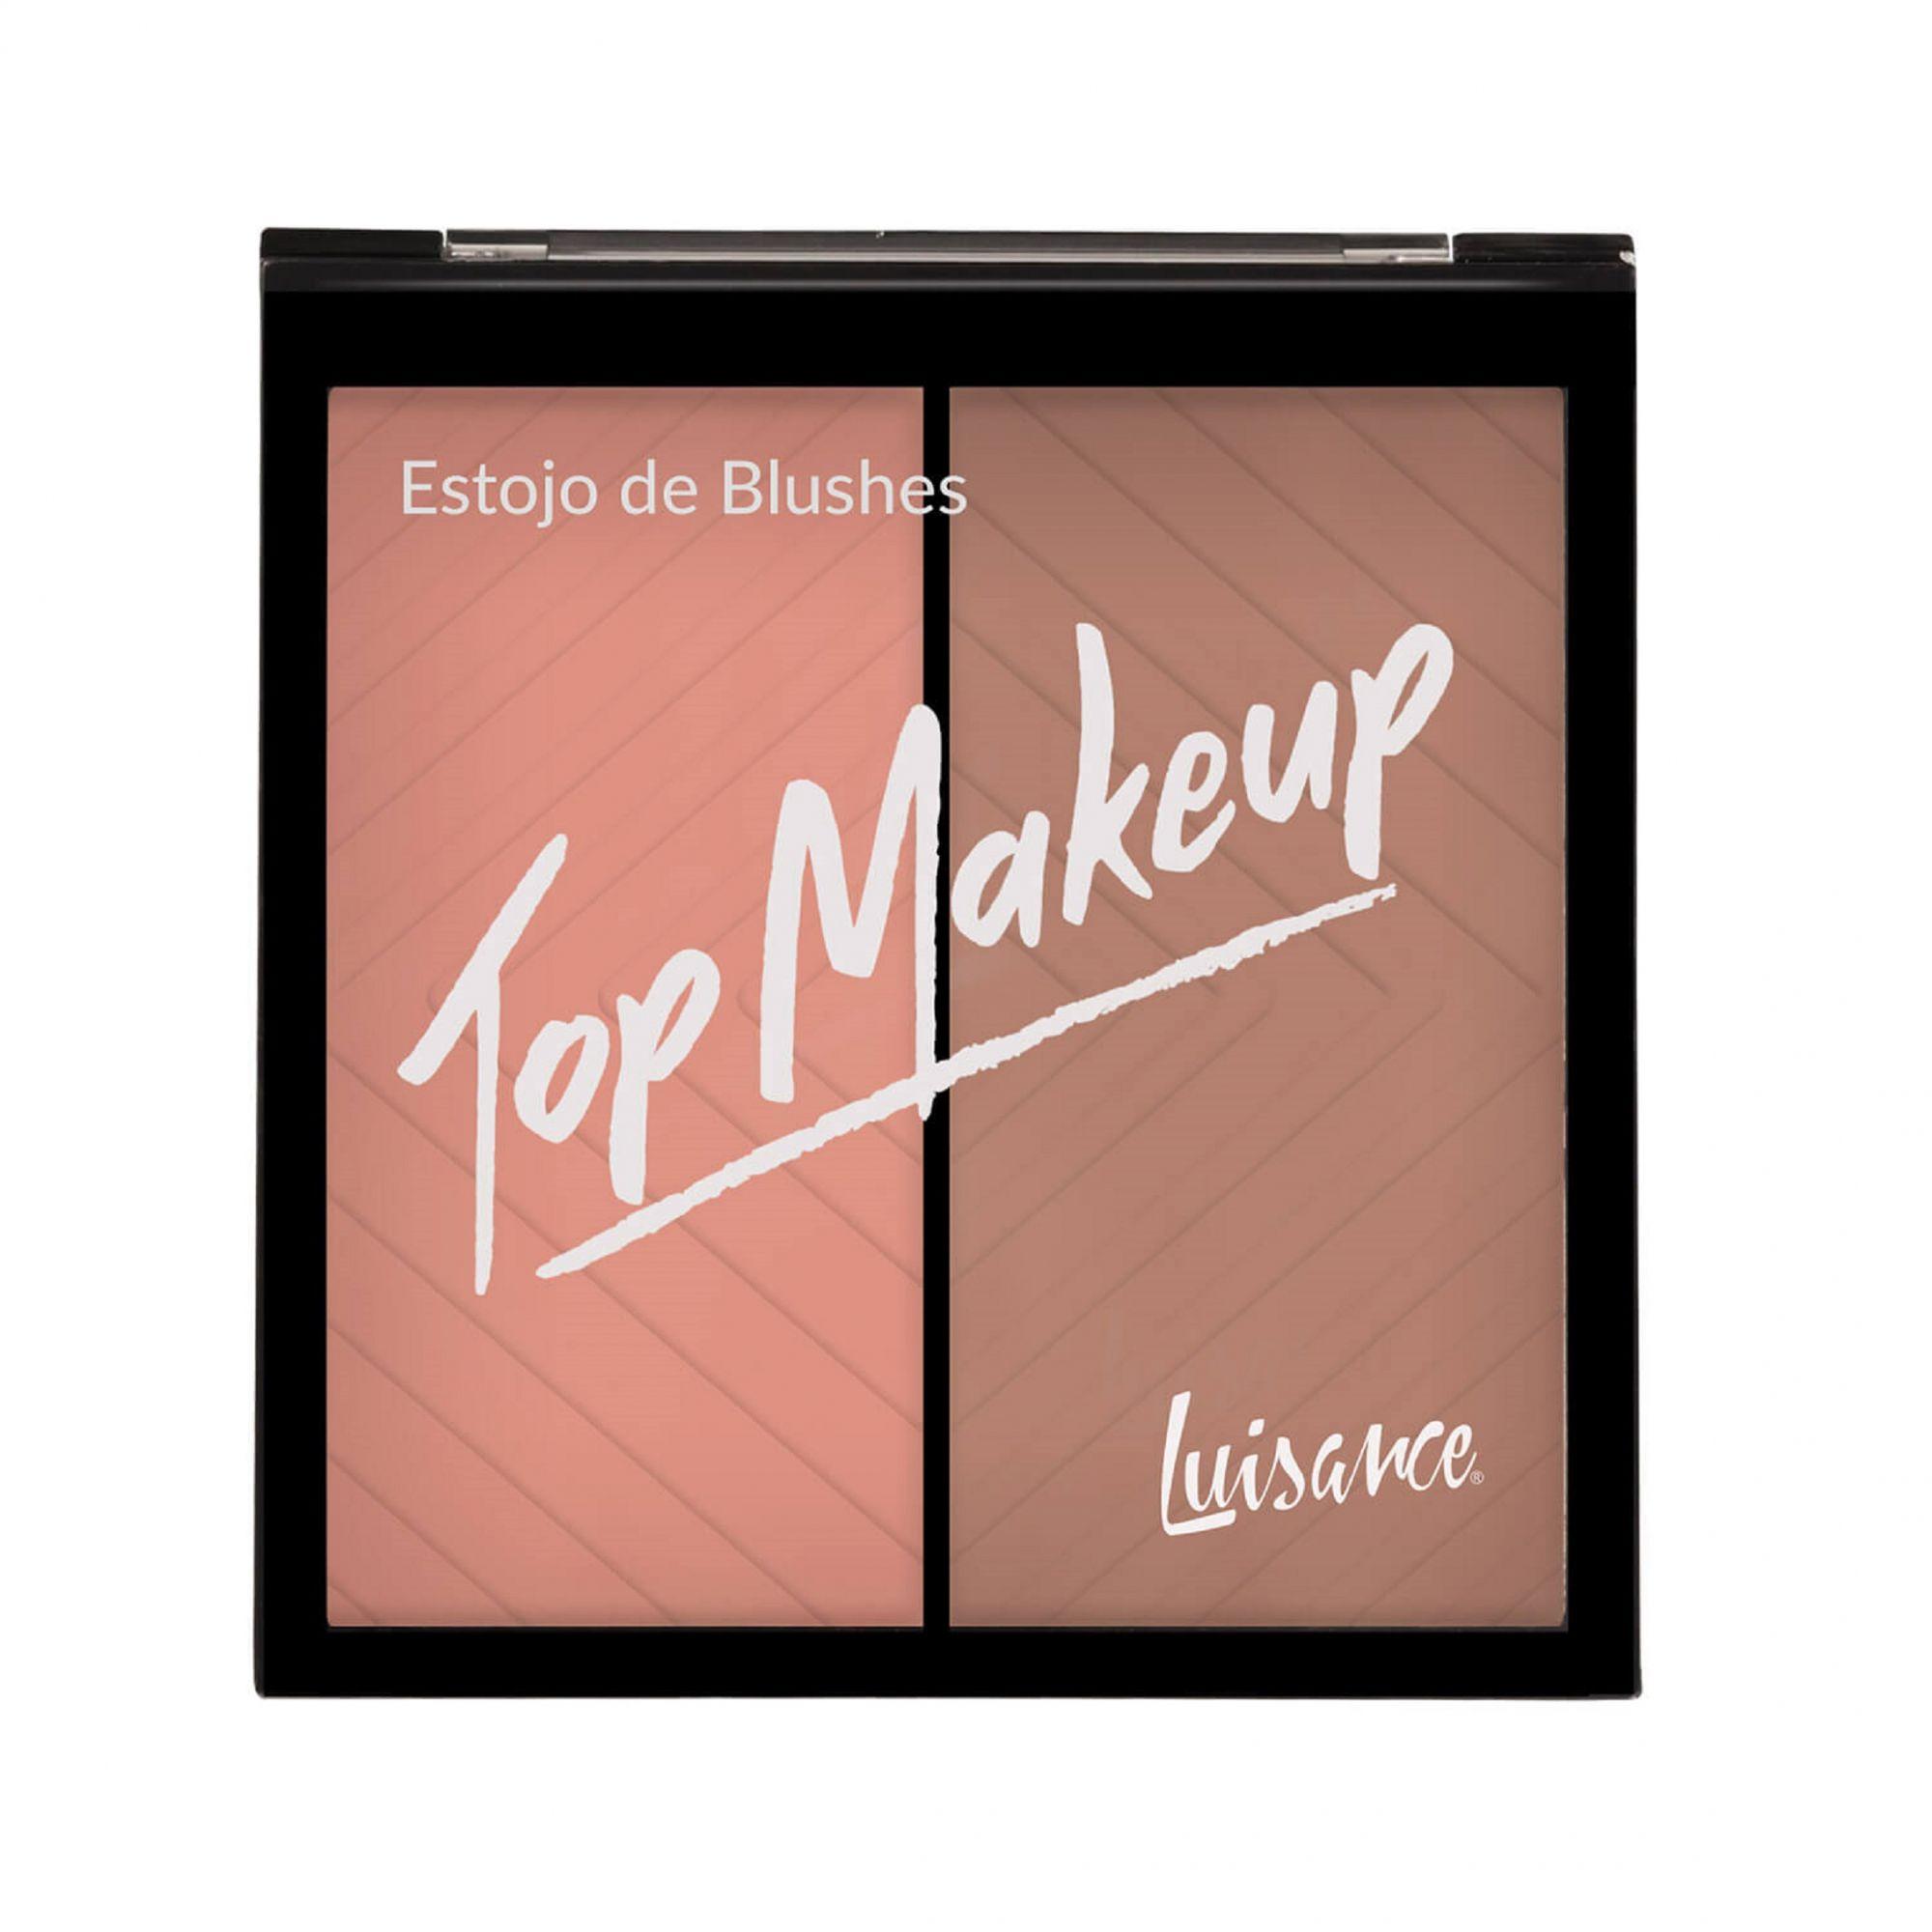 Estojo de Blushes Top Makeup Luisance - L1038 cor A